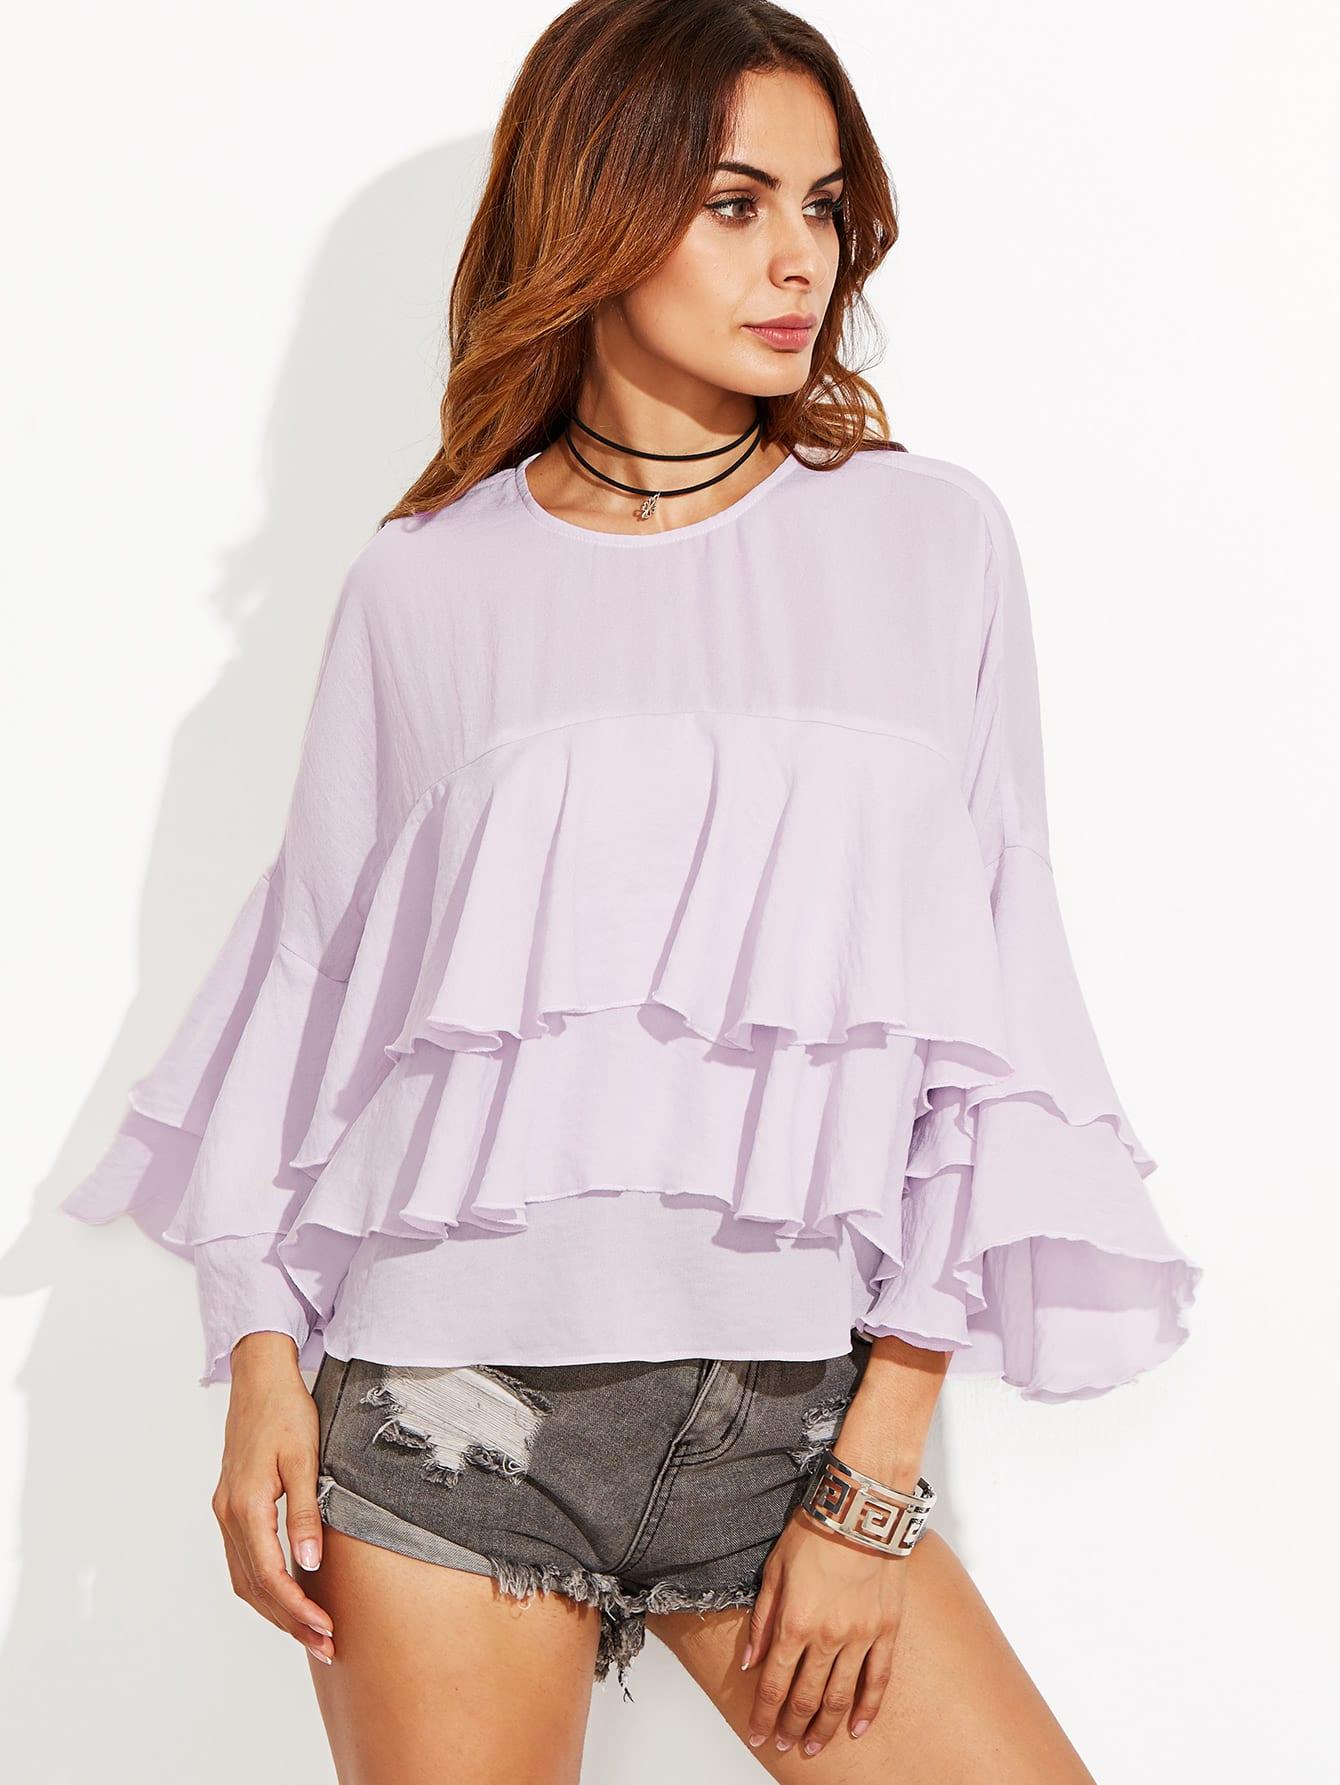 Purple Bell Sleeve Layered Ruffle TopPurple Bell Sleeve Layered Ruffle Top<br><br>color: Purple<br>size: L,M,S,XS